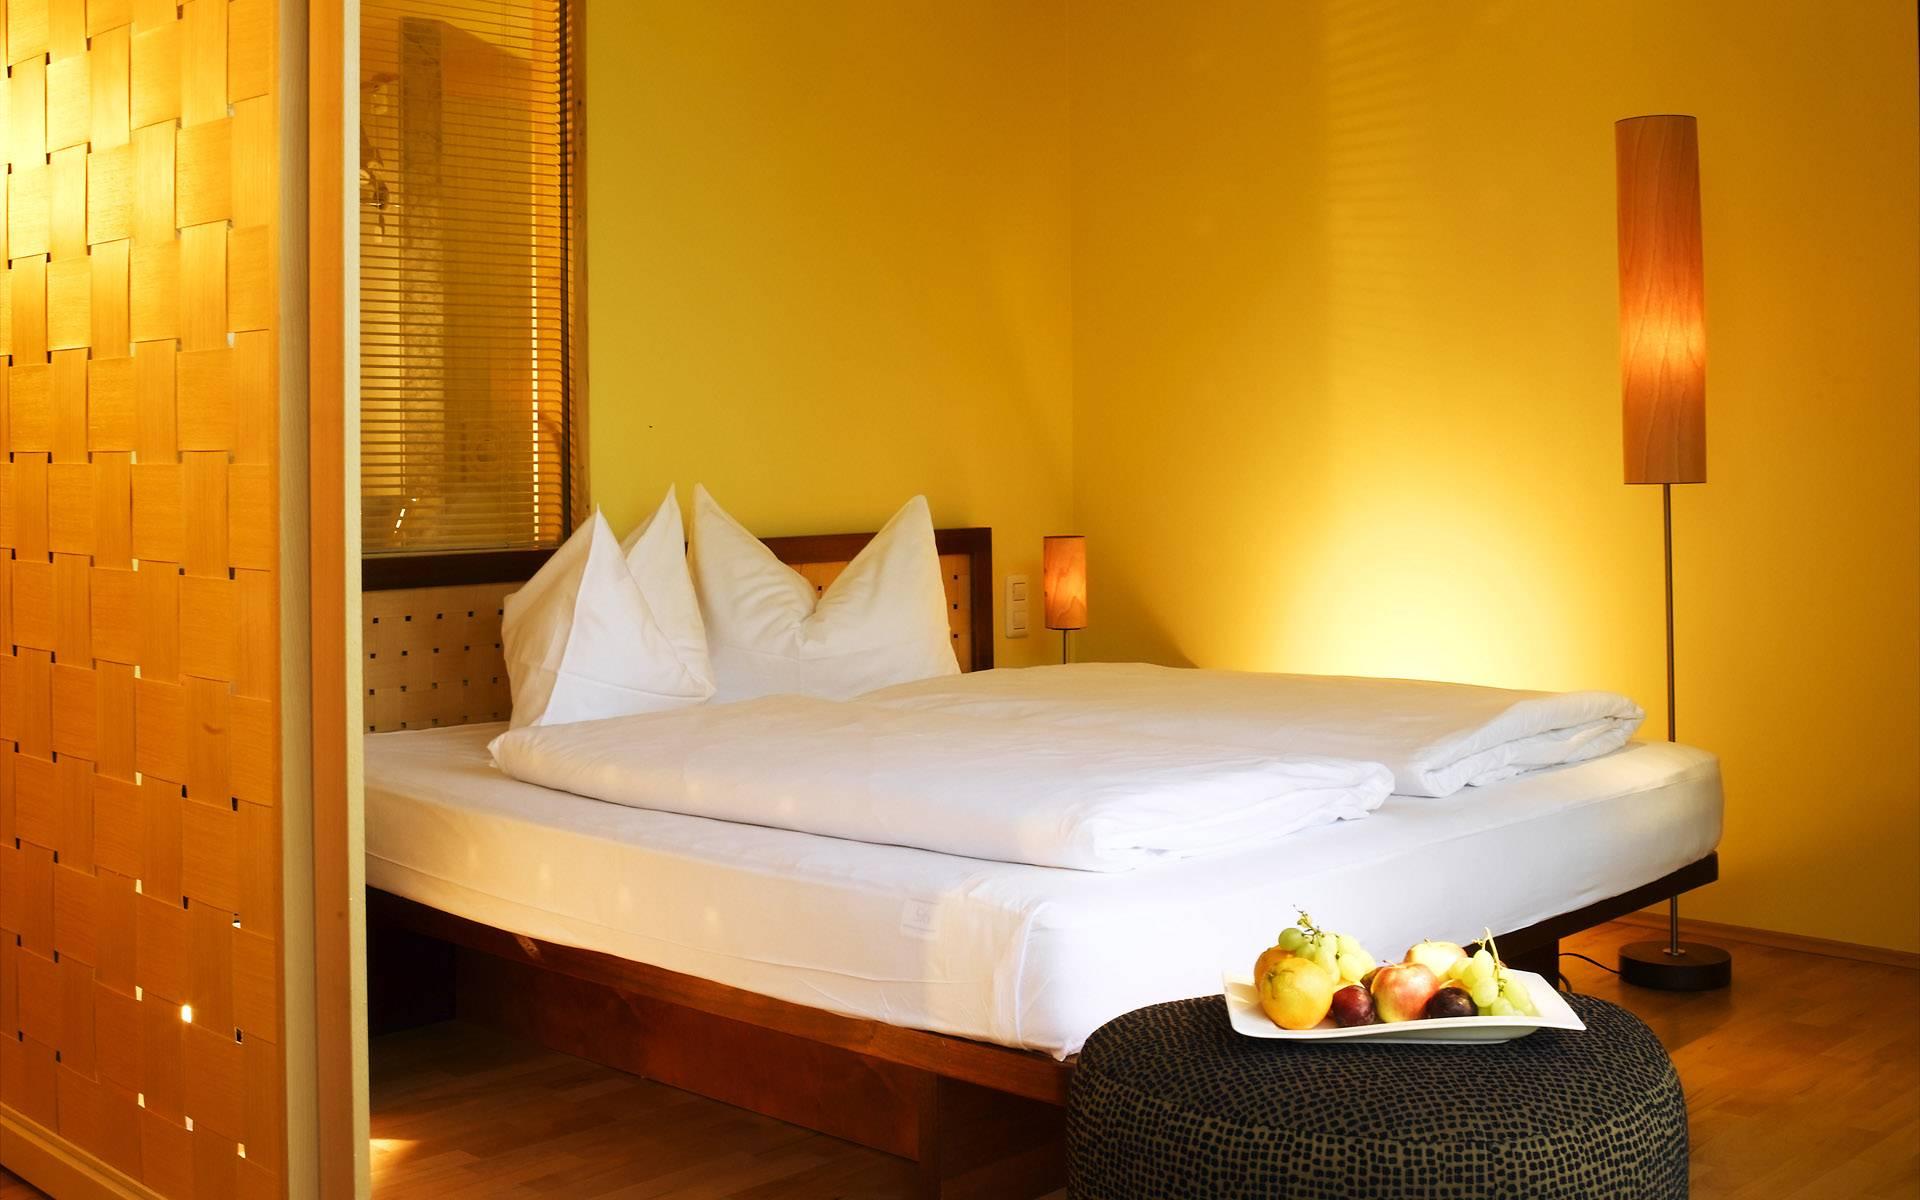 Желтый, белый и коричневый цвета в интерьере спальни